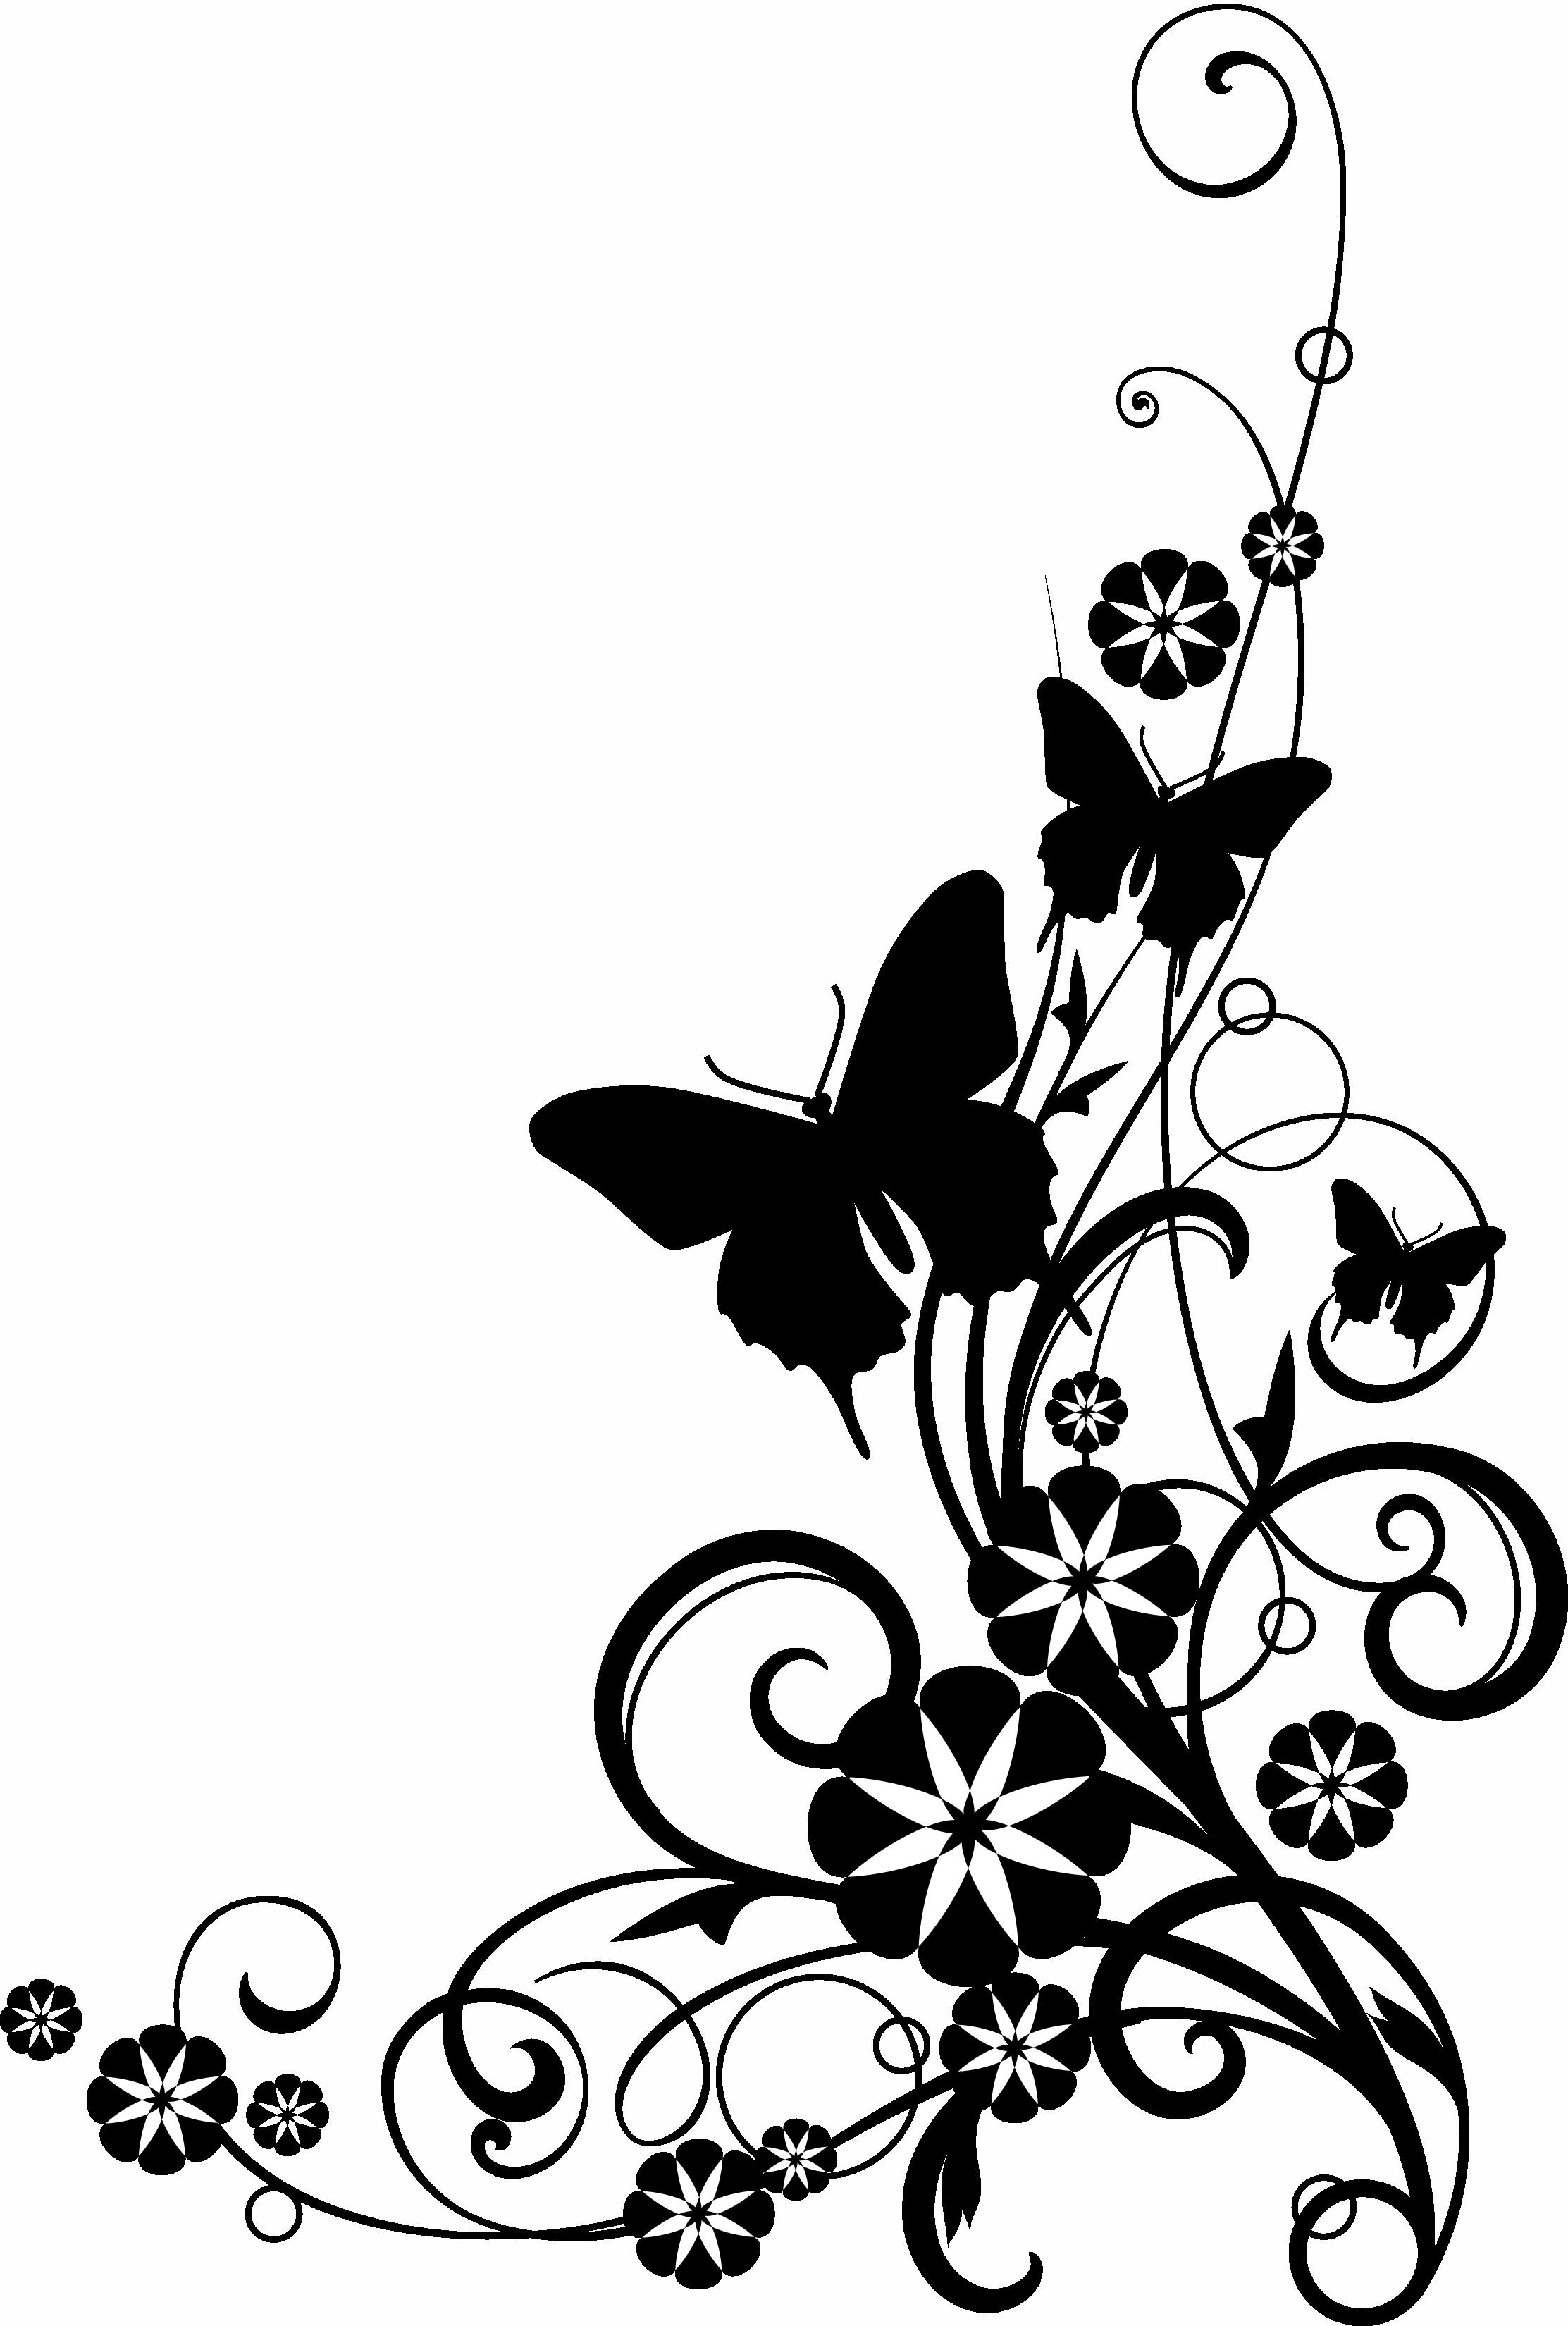 2225x3300 Knumathise Rose Border Clipart Black And White Images